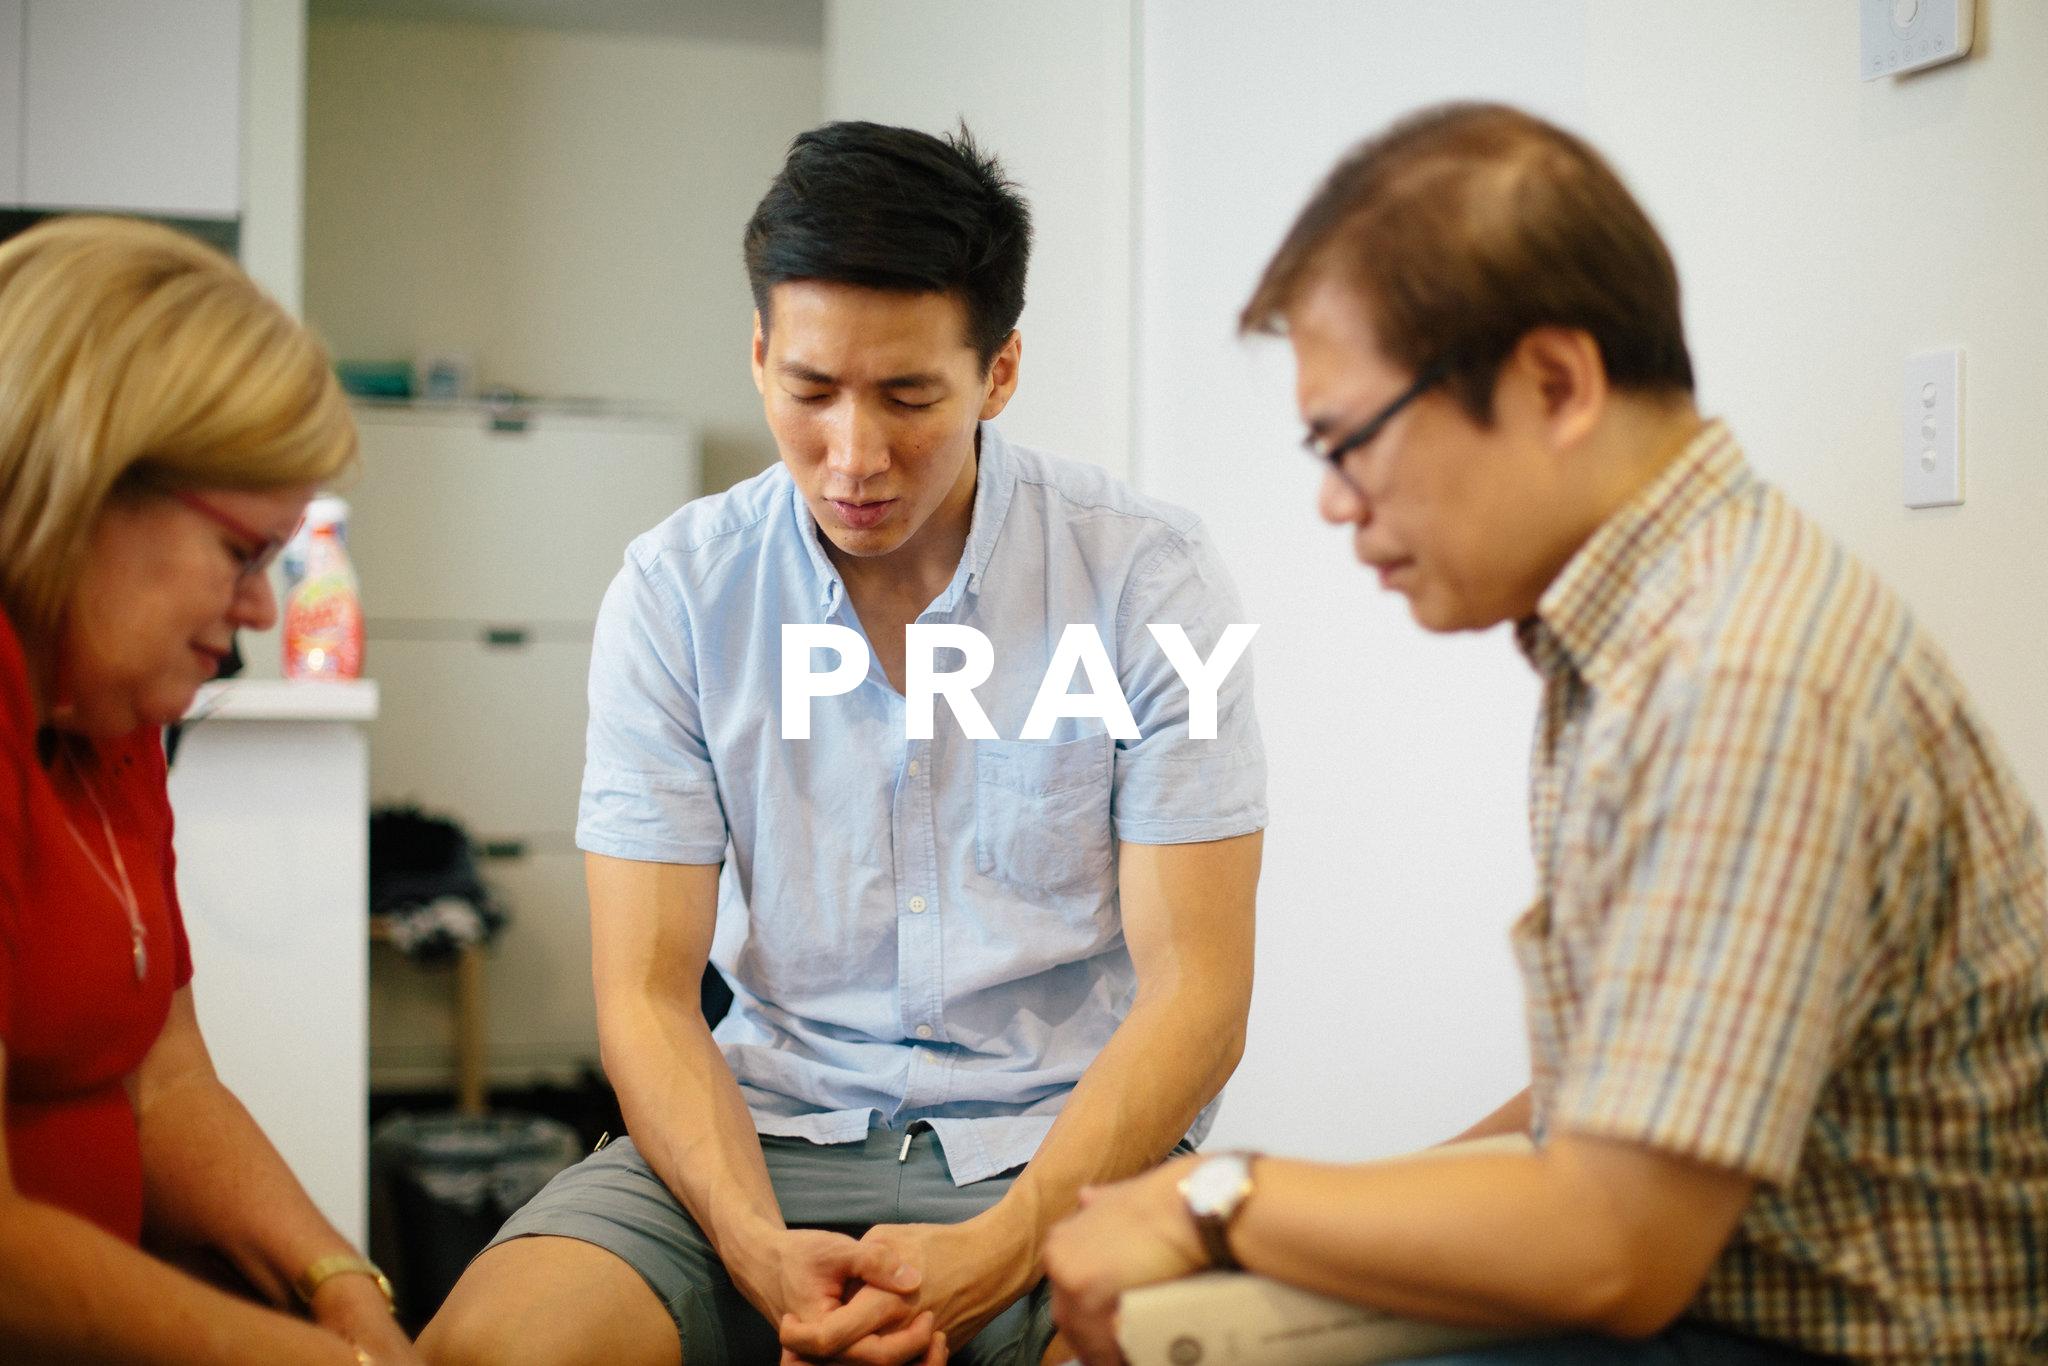 pray copy.jpg